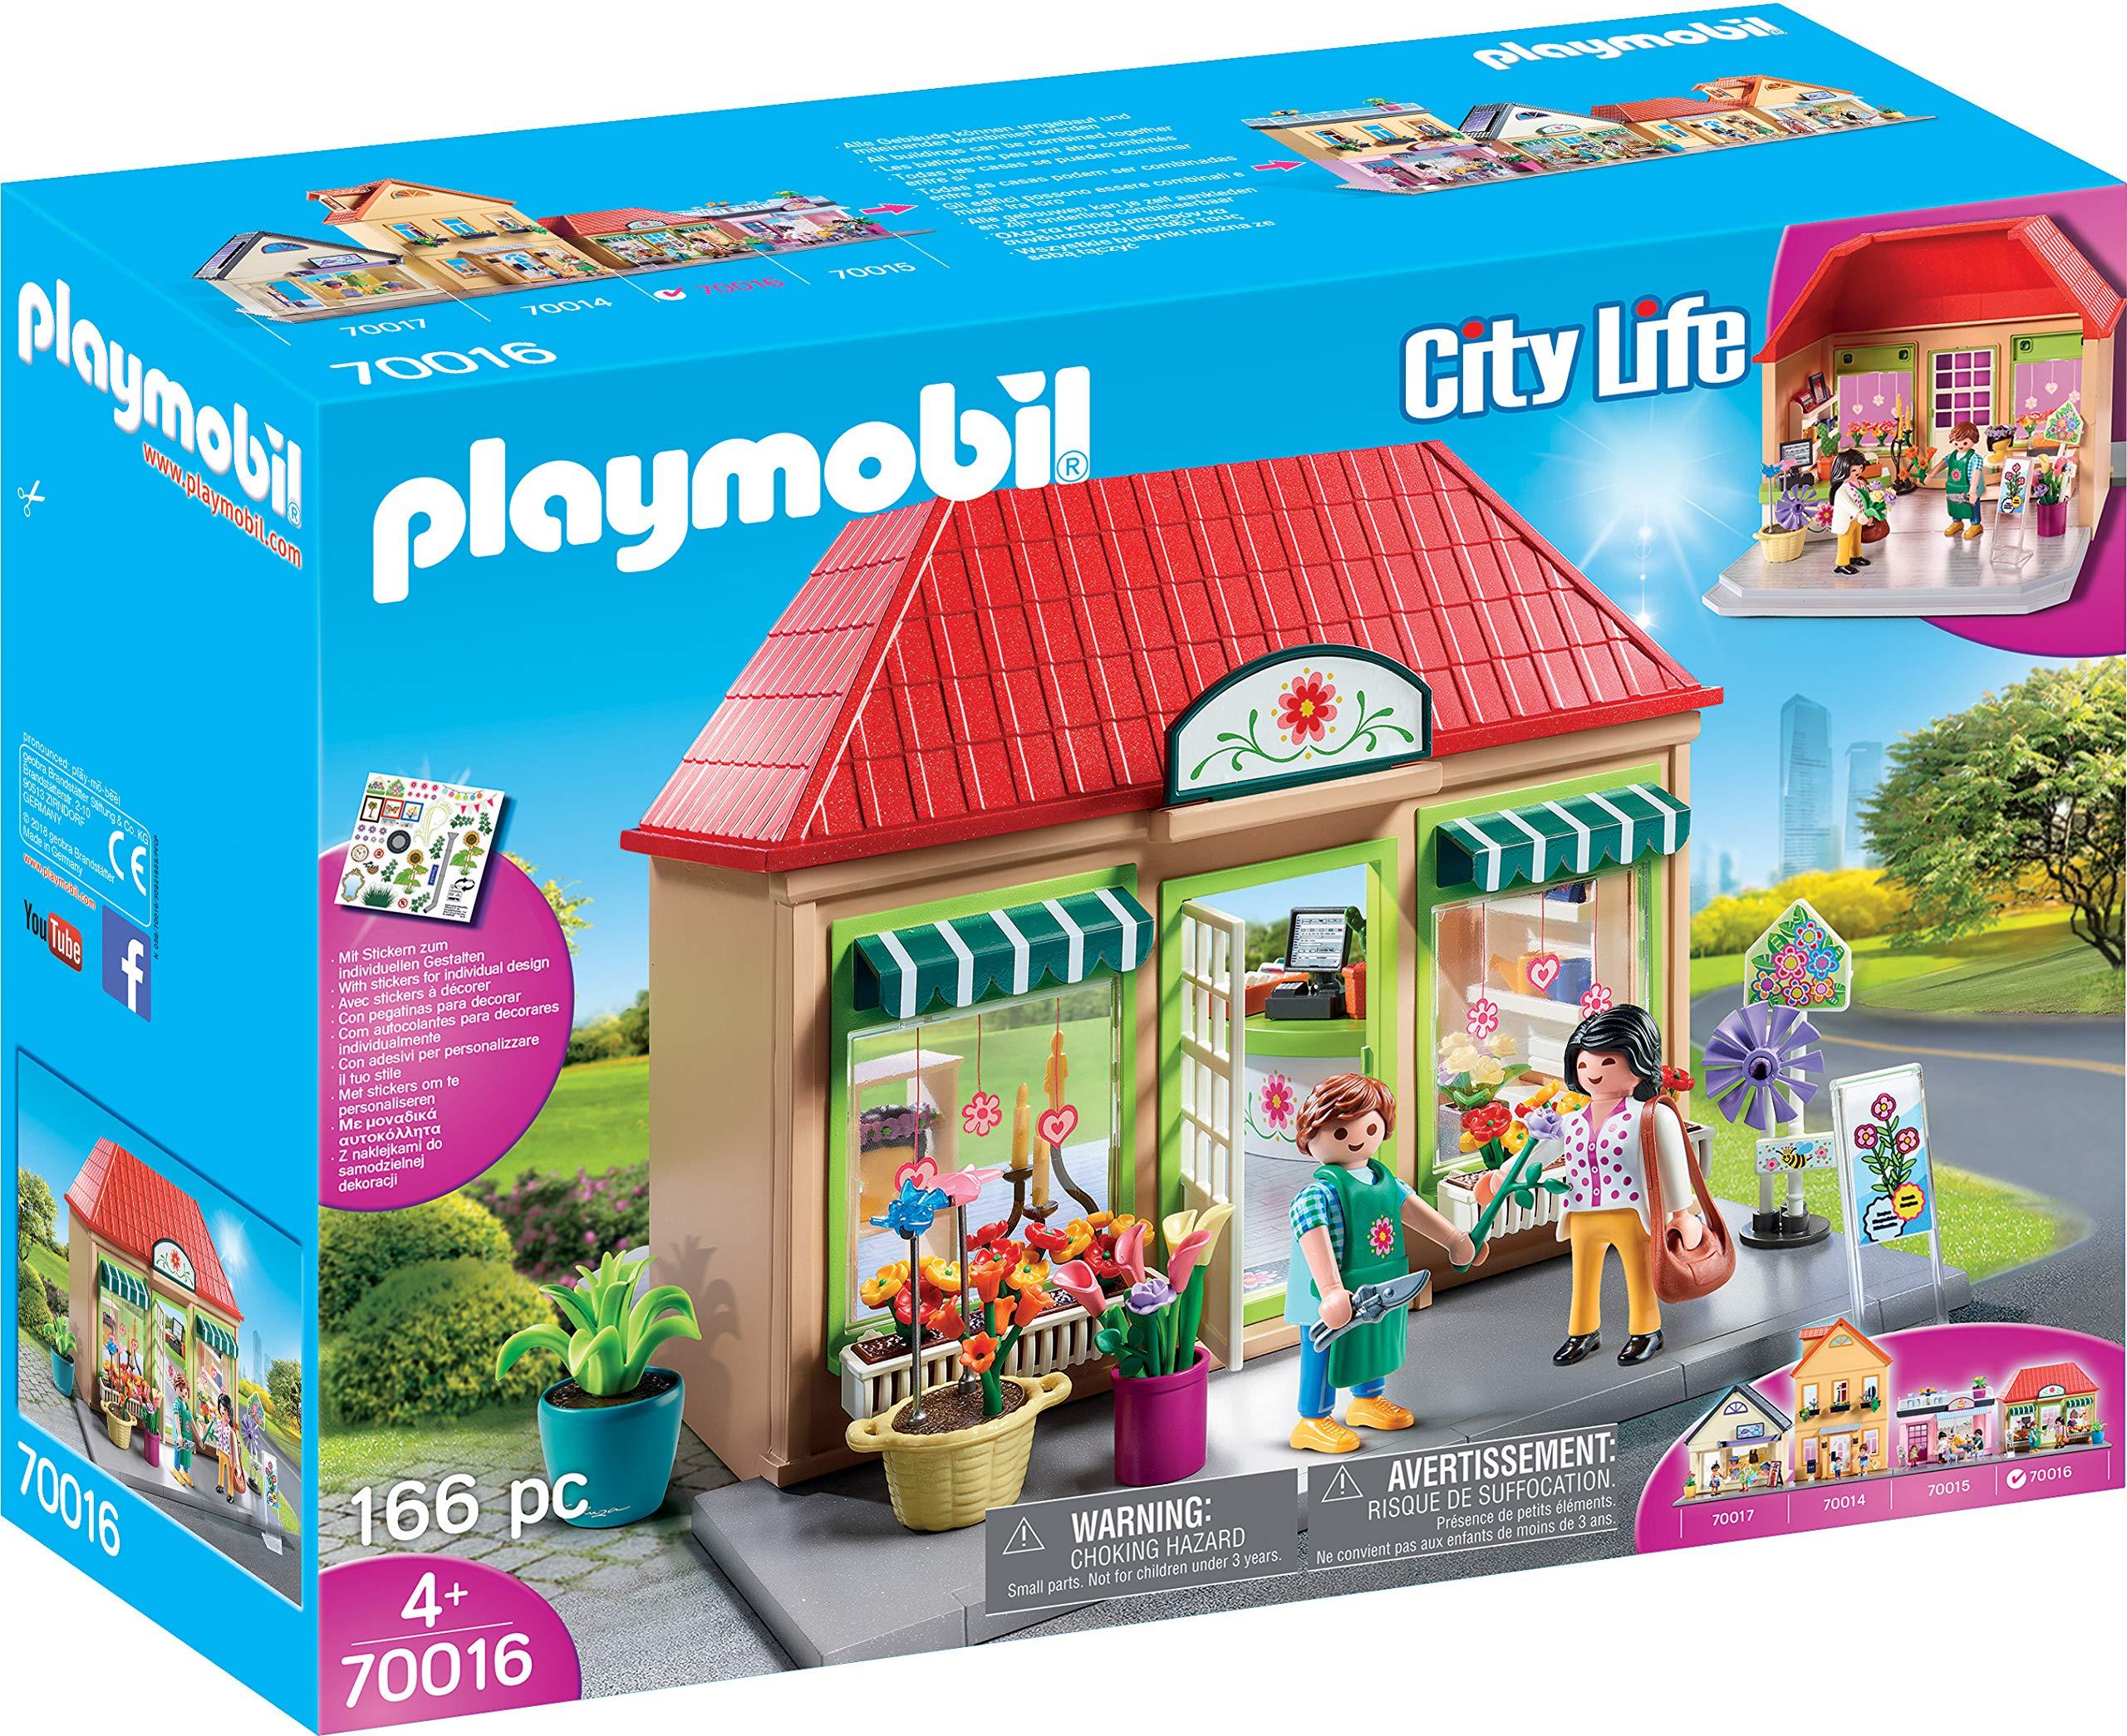 PLAYMOBIL City Life Mi Floristería, A partir de 4 años (70016): Amazon.es: Juguetes y juegos